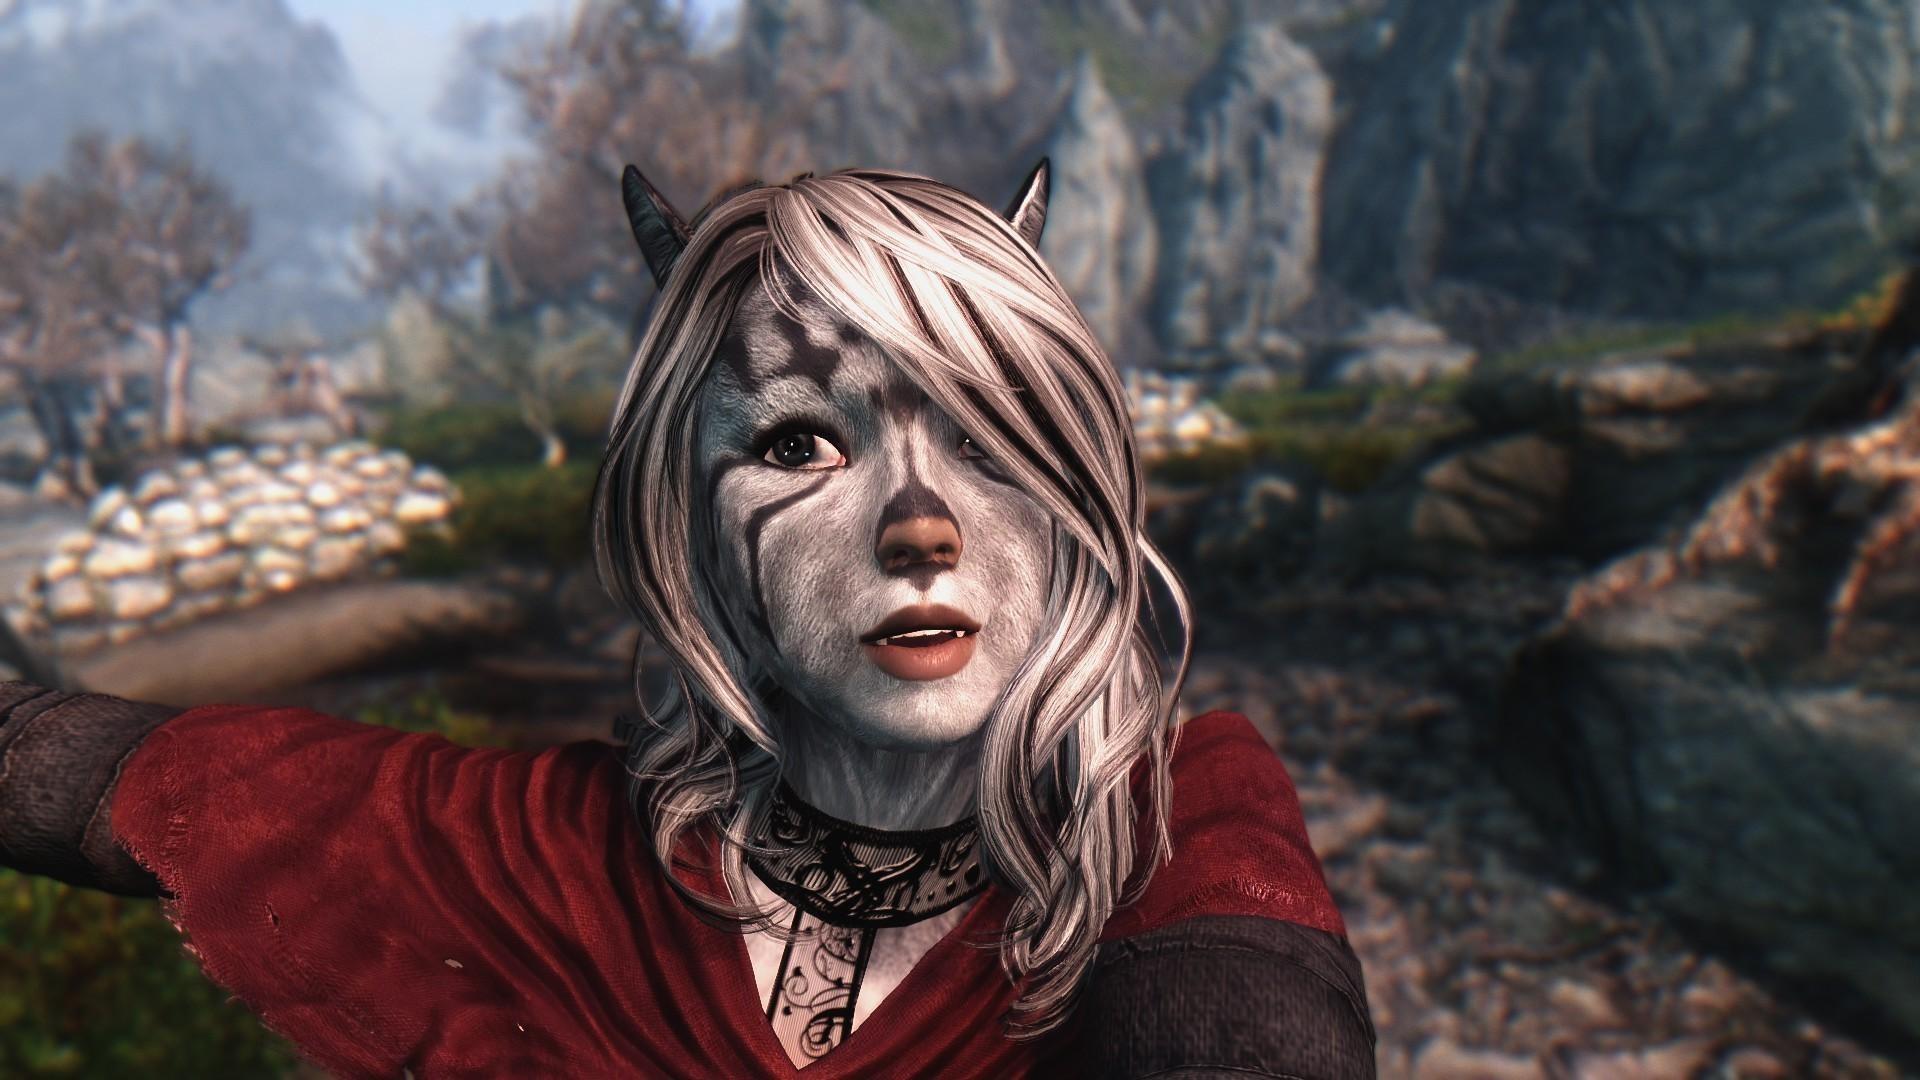 The Elder Scrolls V: Skyrim fox girl